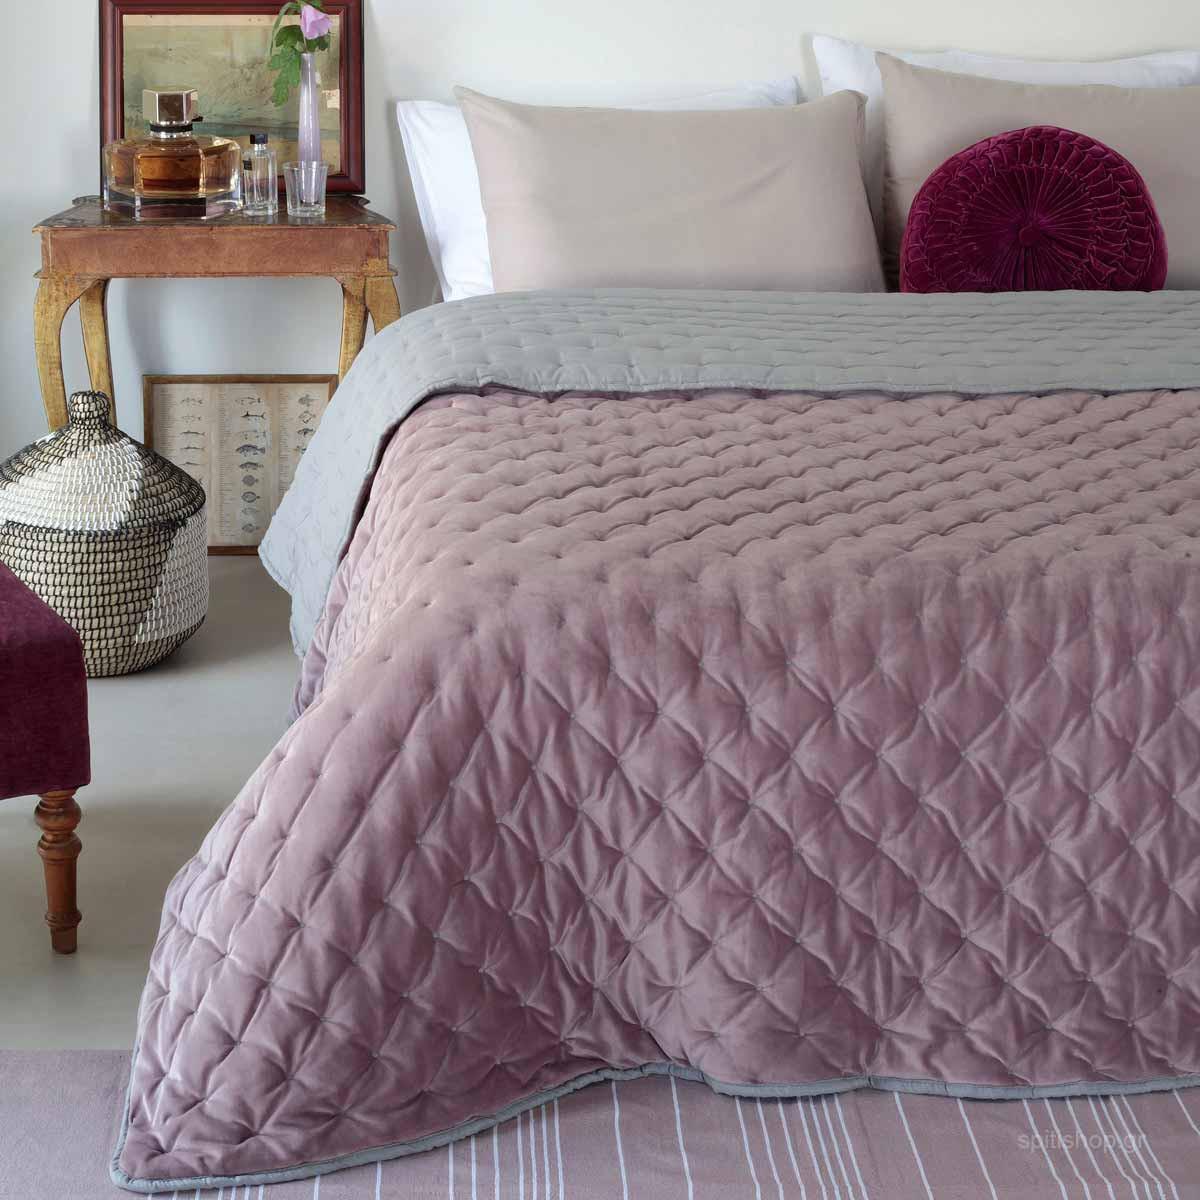 Κουβερτοπάπλωμα Υπέρδιπλο Melinen Lush Rose home   κρεβατοκάμαρα   παπλώματα   κουβερτοπαπλώματα